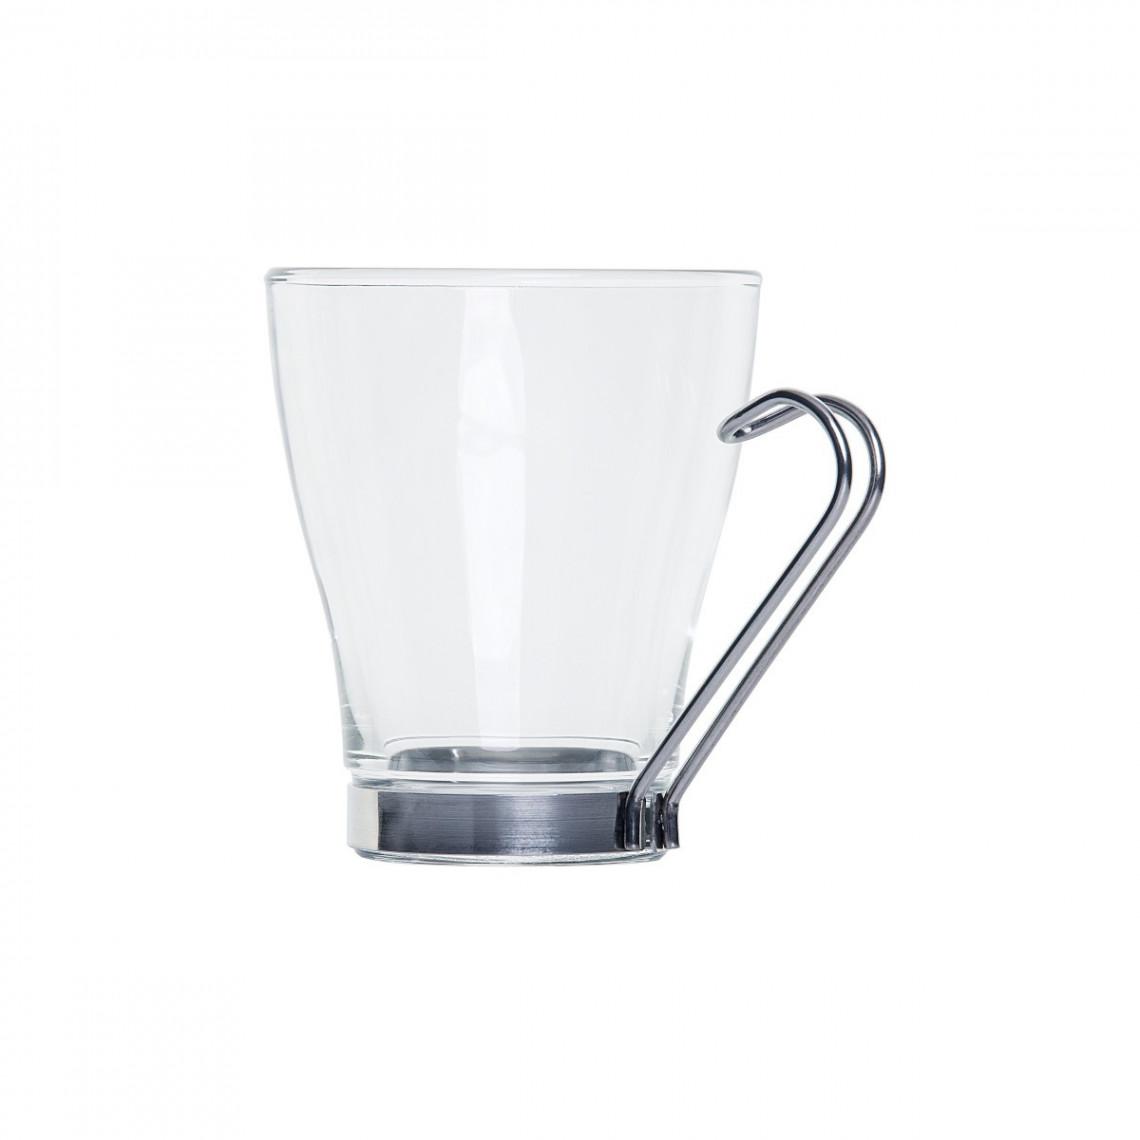 Tasse pause thé (sans sous-tasse) en verre Cascade